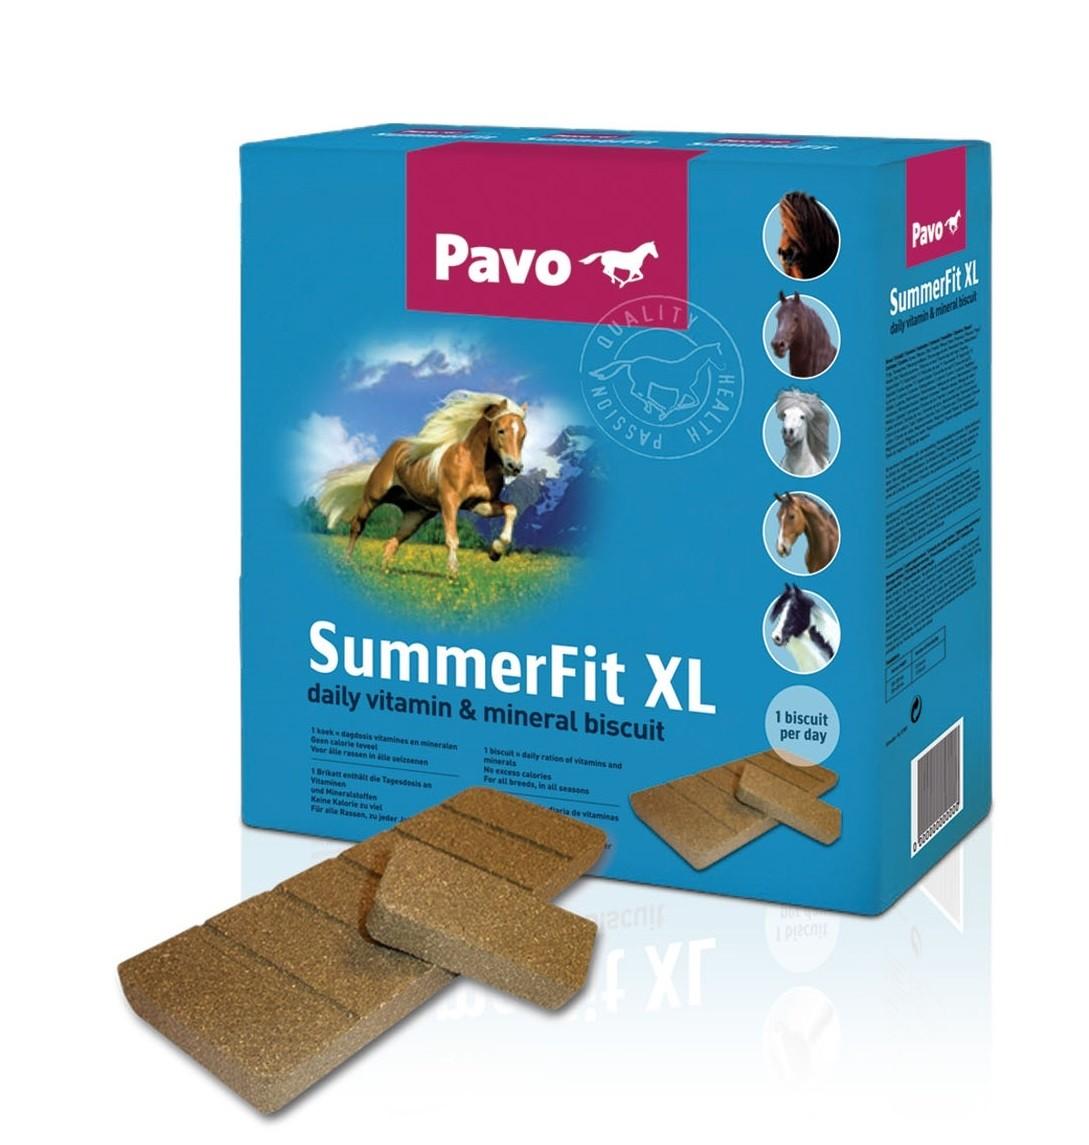 Pavo Summerfit XL 108 stuks